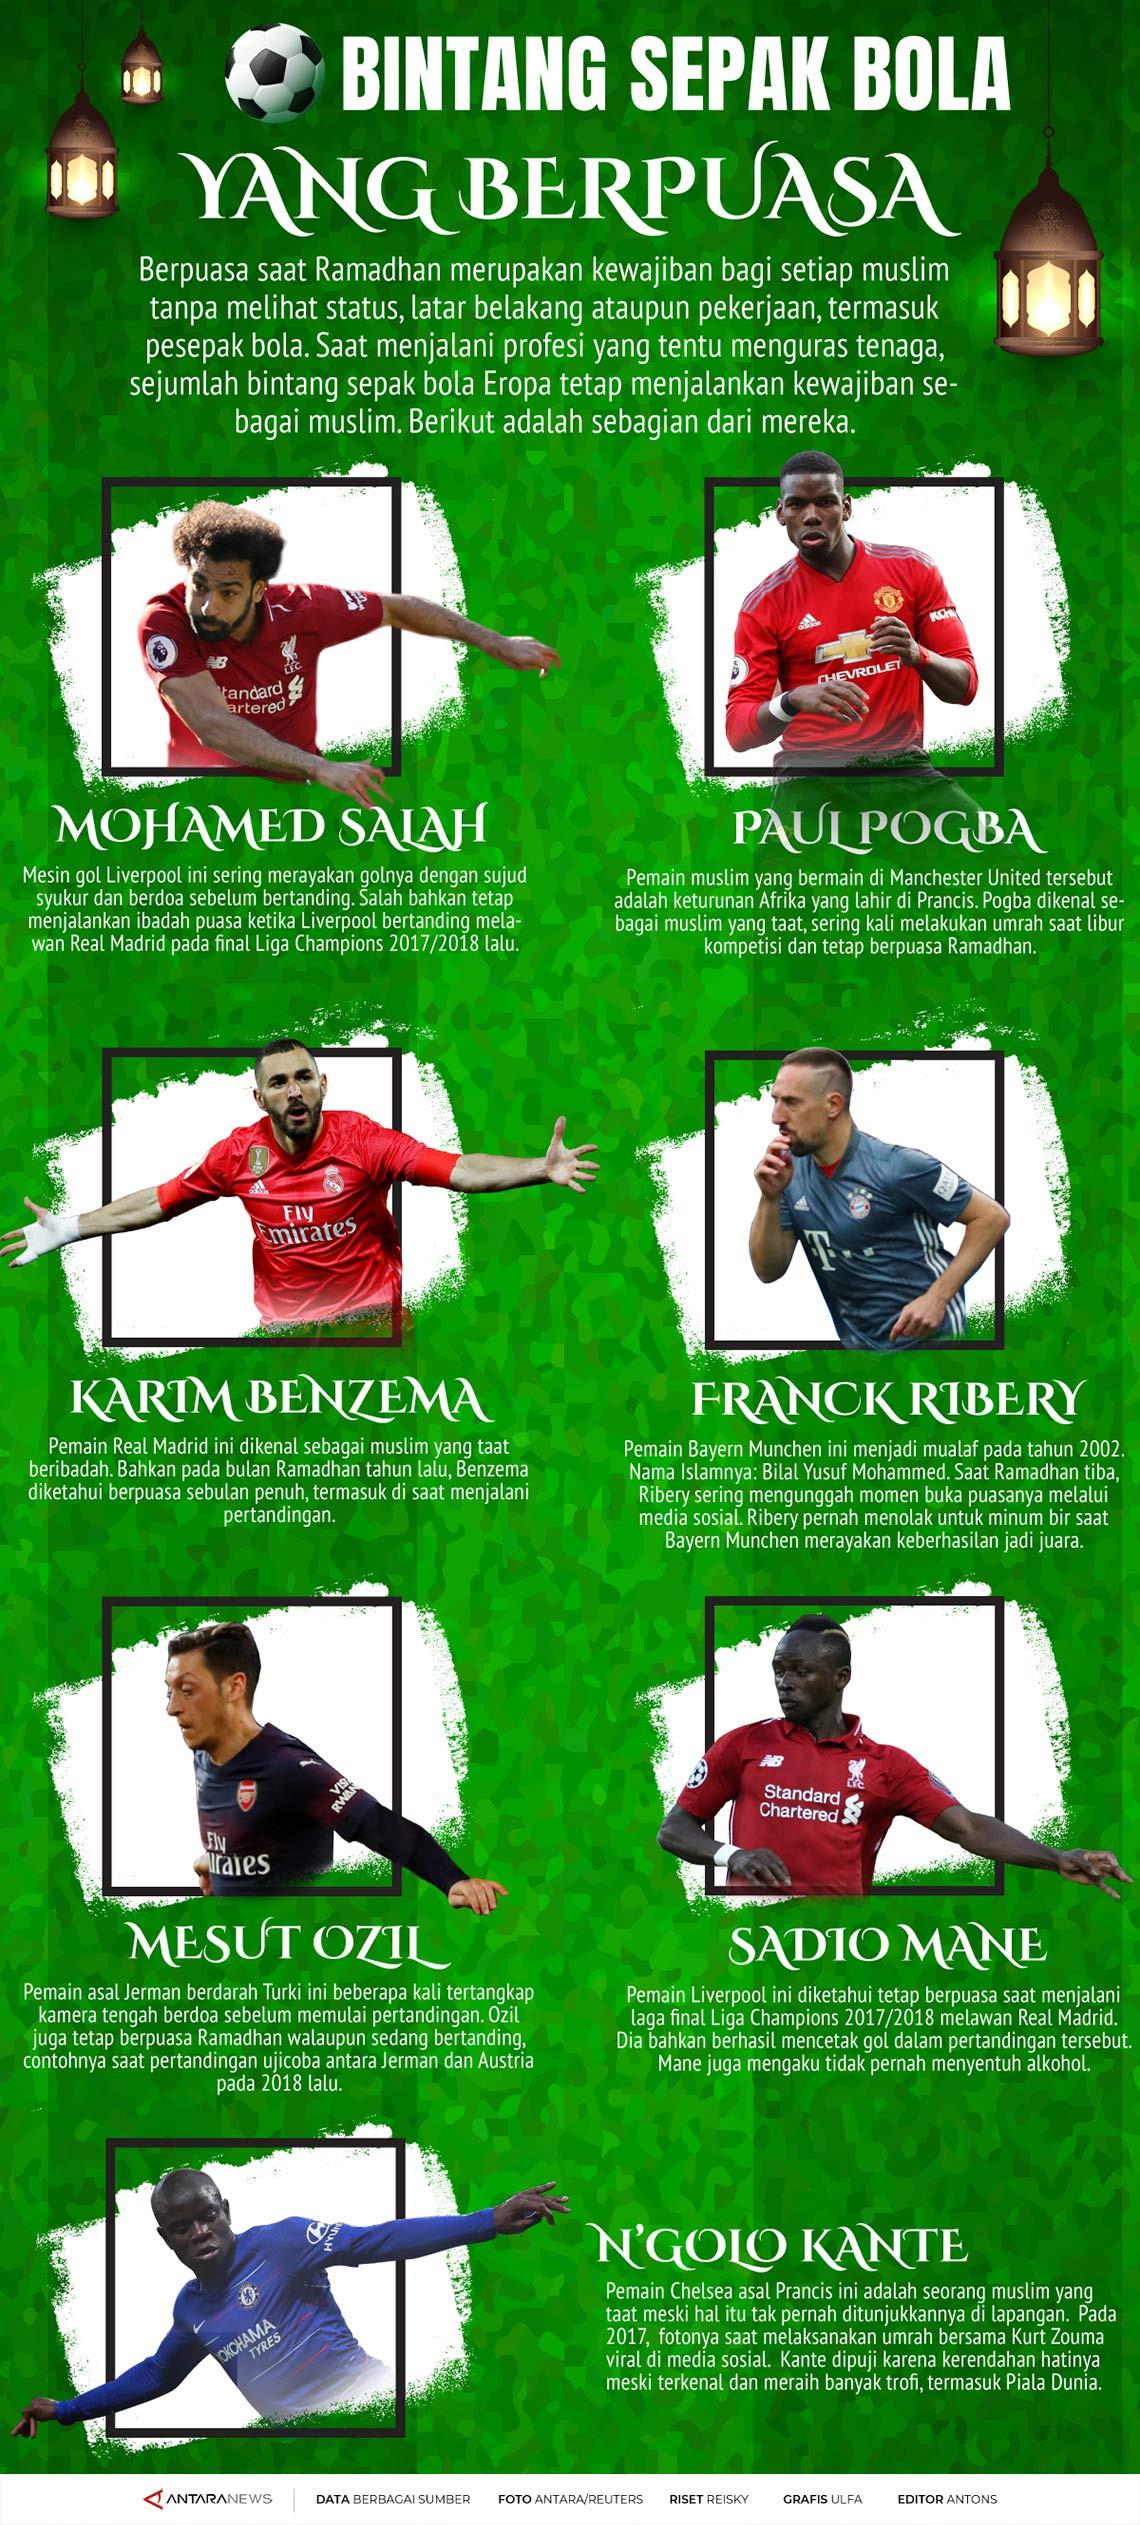 Bintang sepak bola yang berpuasa